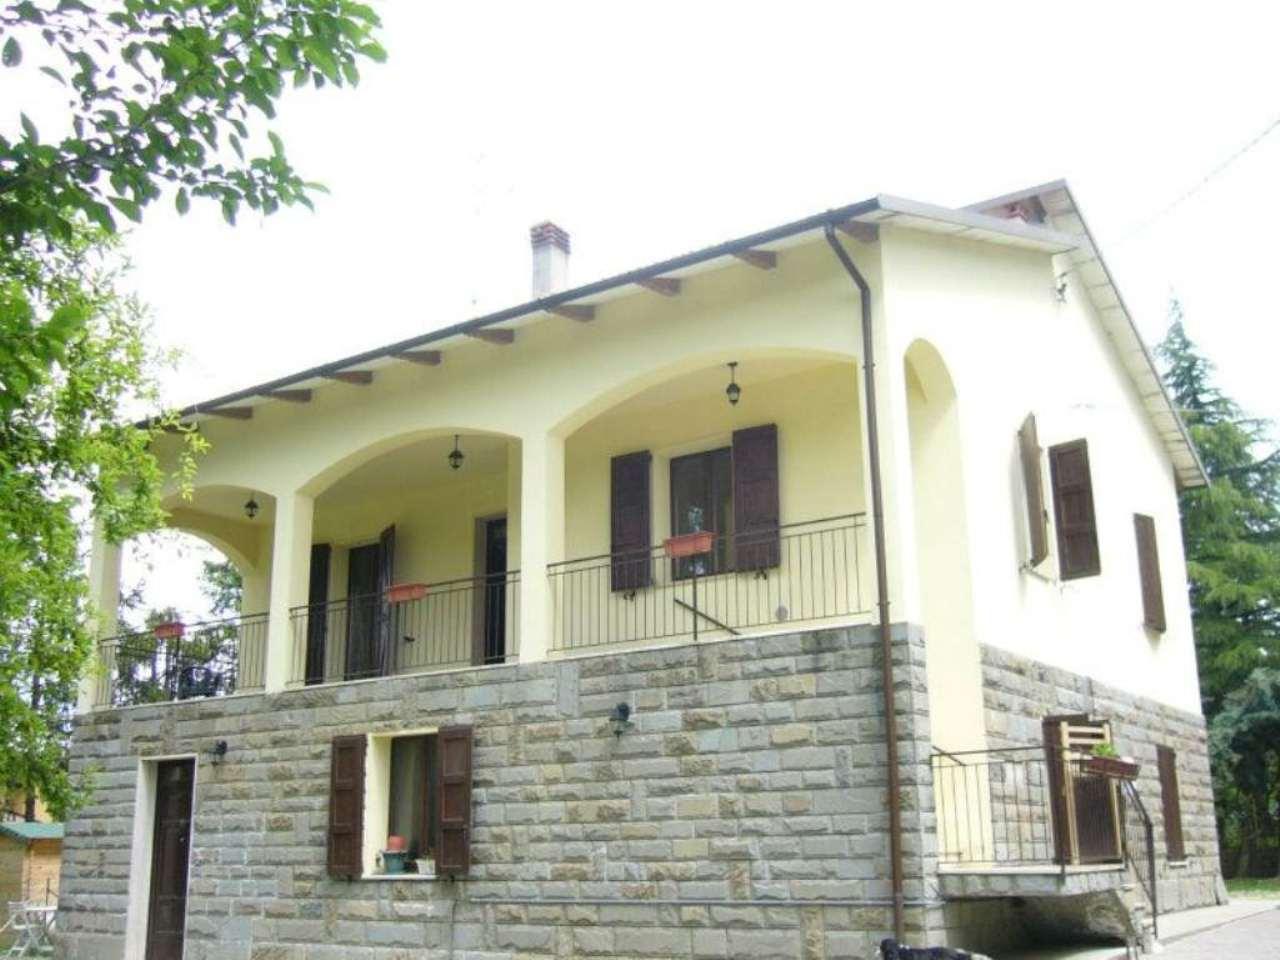 Soluzione Indipendente in vendita a Valsamoggia, 10 locali, prezzo € 250.000 | Cambio Casa.it